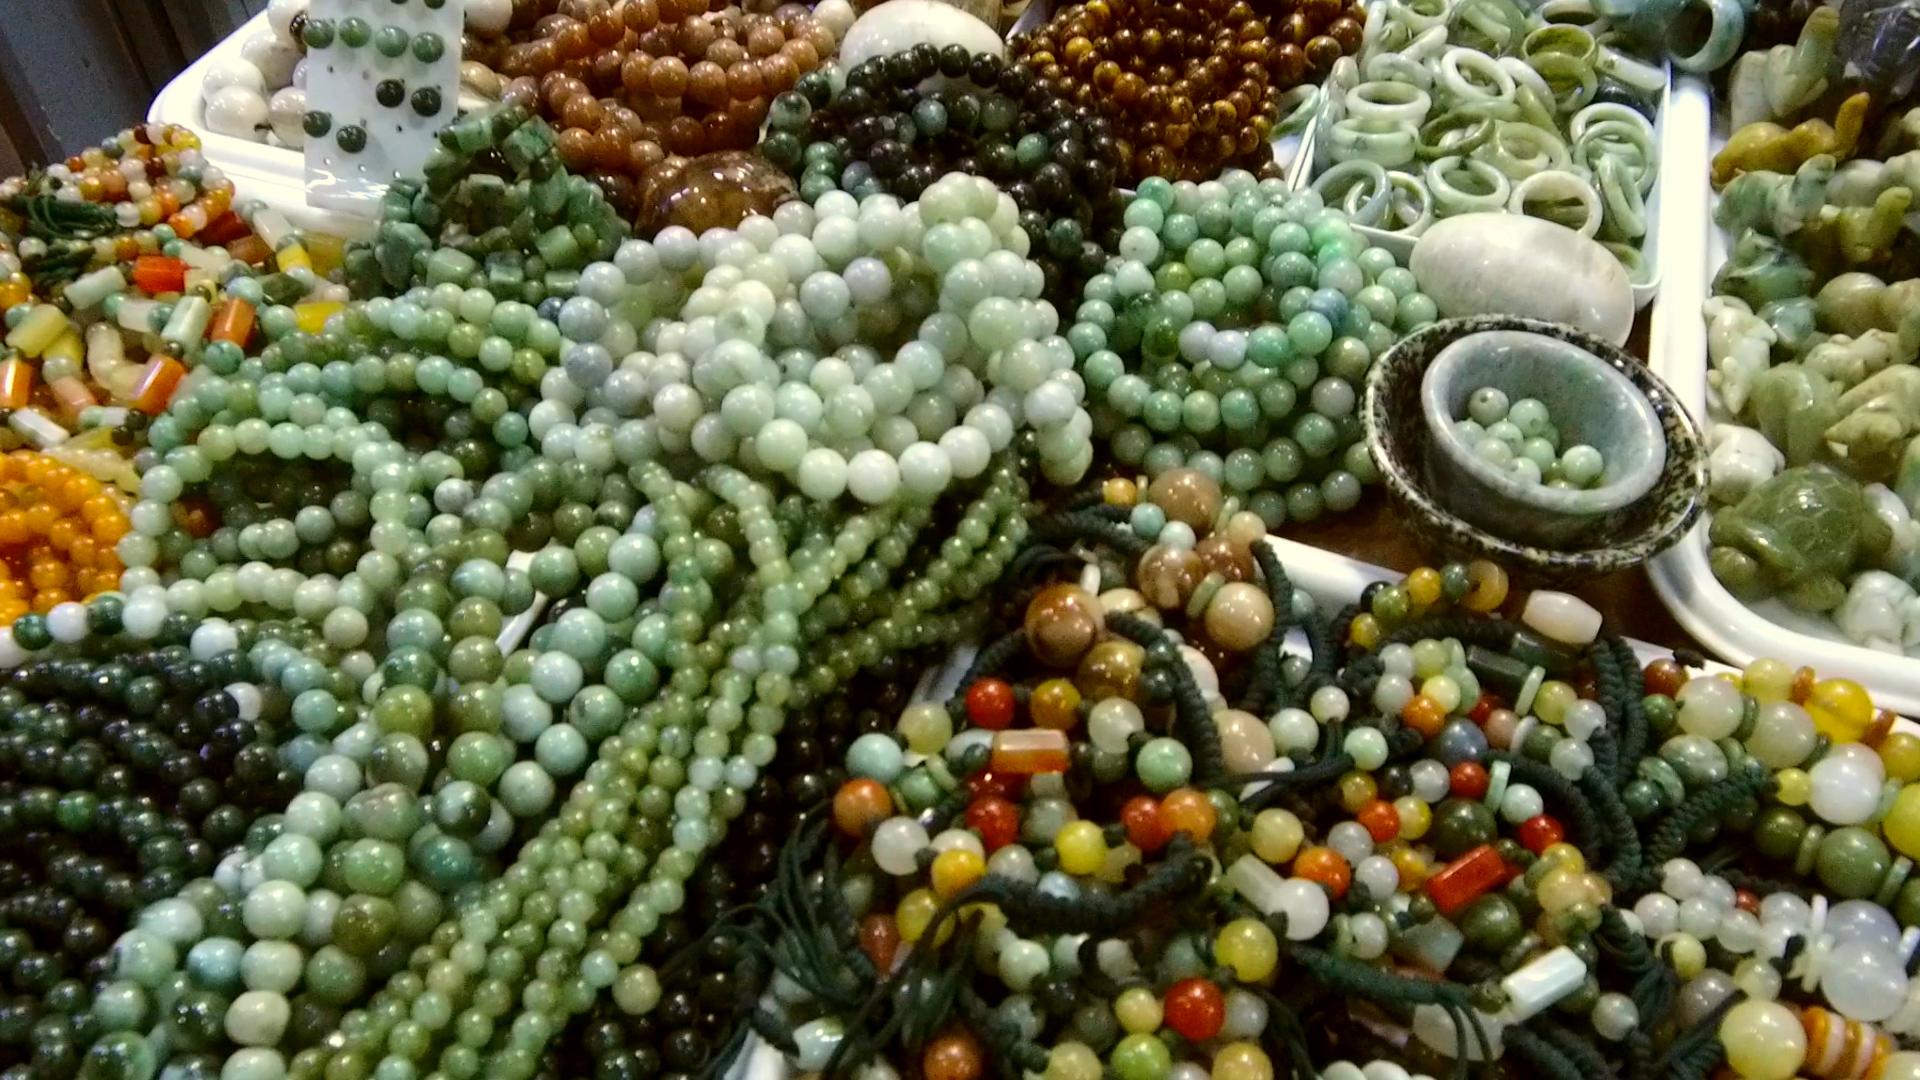 Нефритеният пазар в Мандалай е завладяващо място. Това е мястото, където се правят нефритените гривни, така популярни сред китайските и азиатските клиенти.